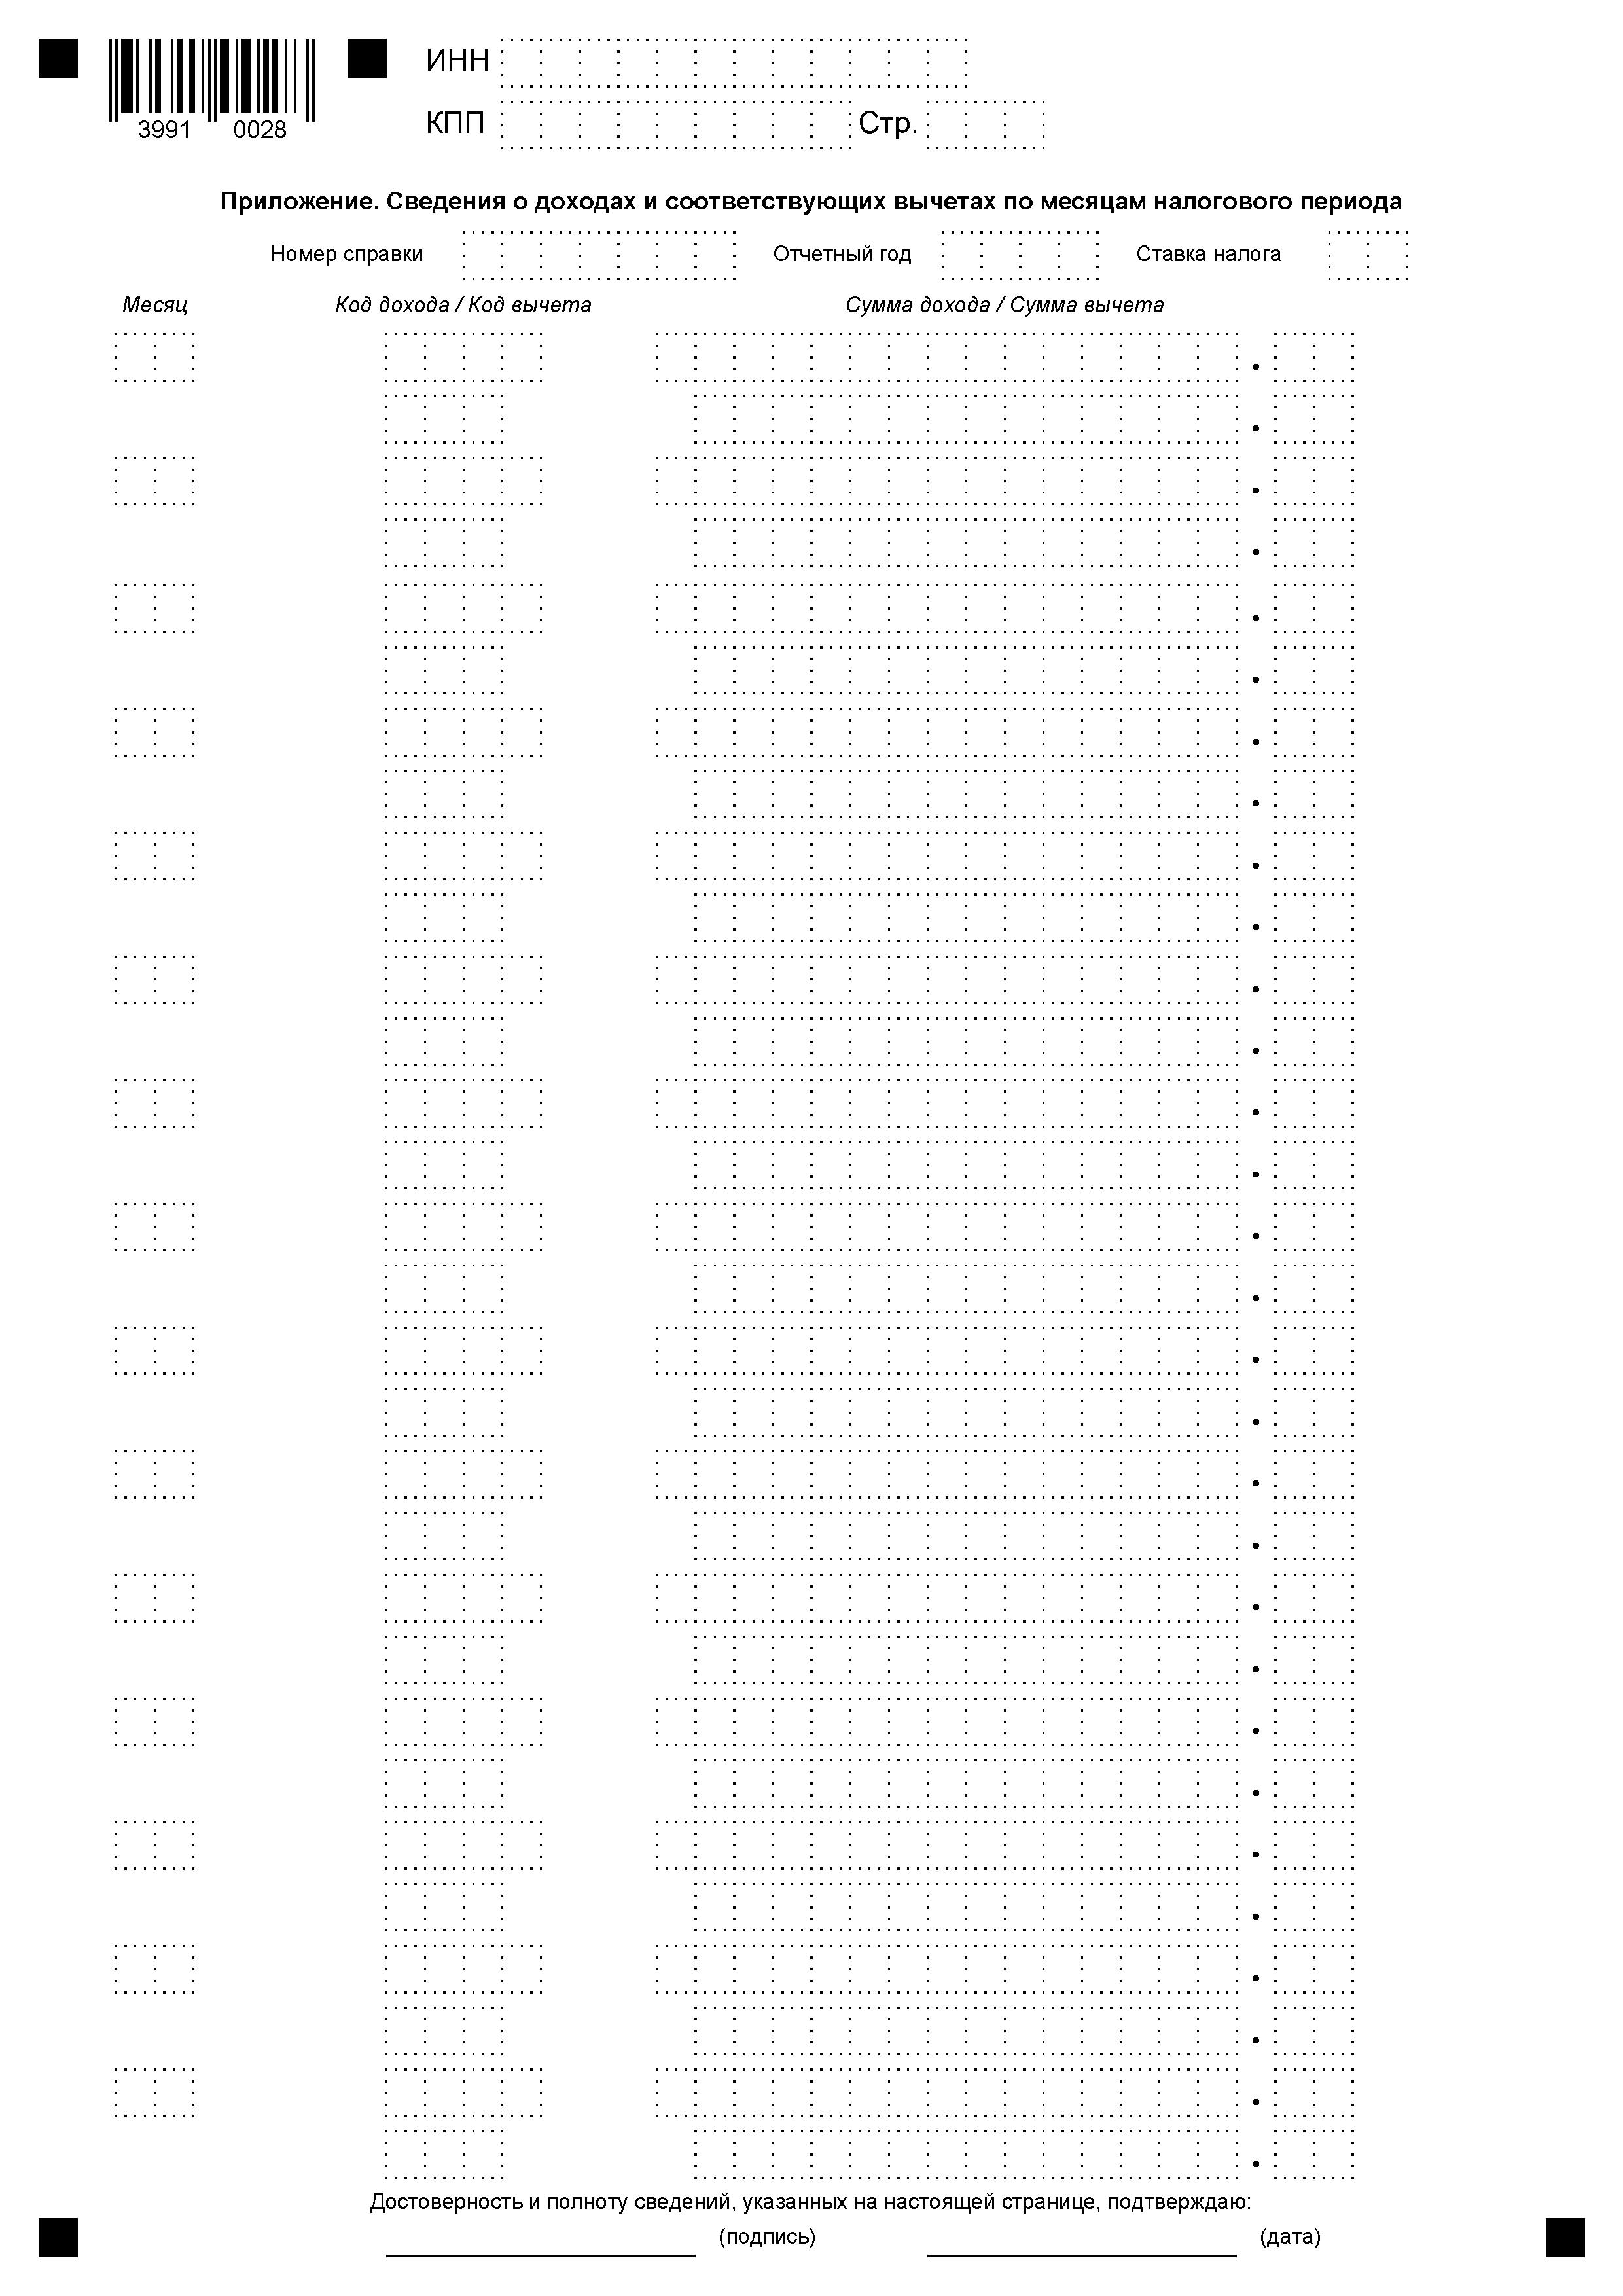 Образец формы 2-НДФЛ